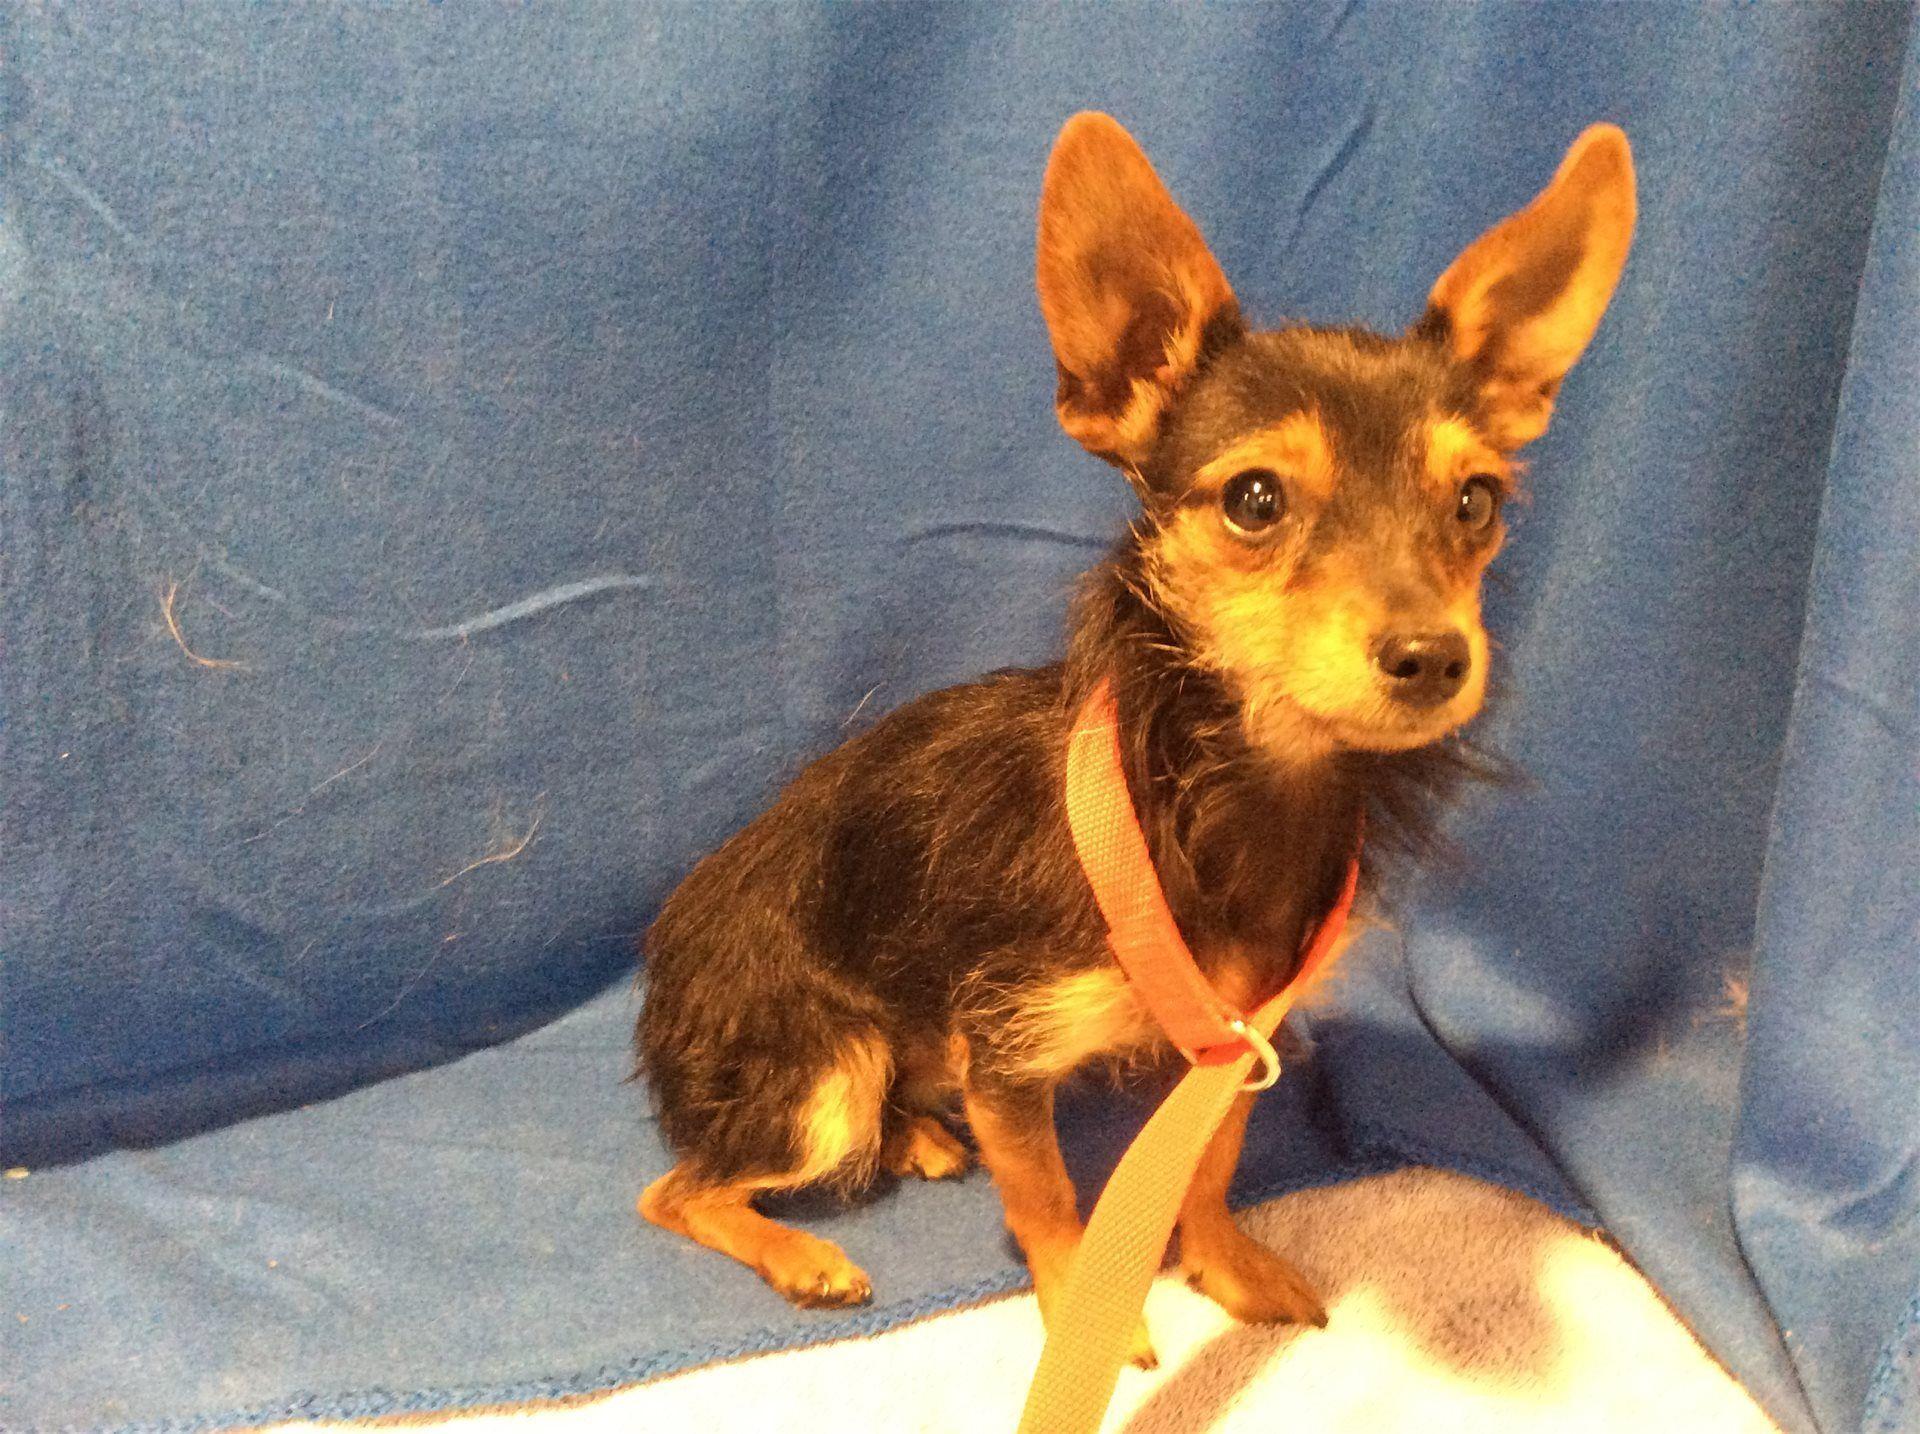 Mutt Dog For Adoption In Pomona Ca Adn 542774 On Puppyfinder Com